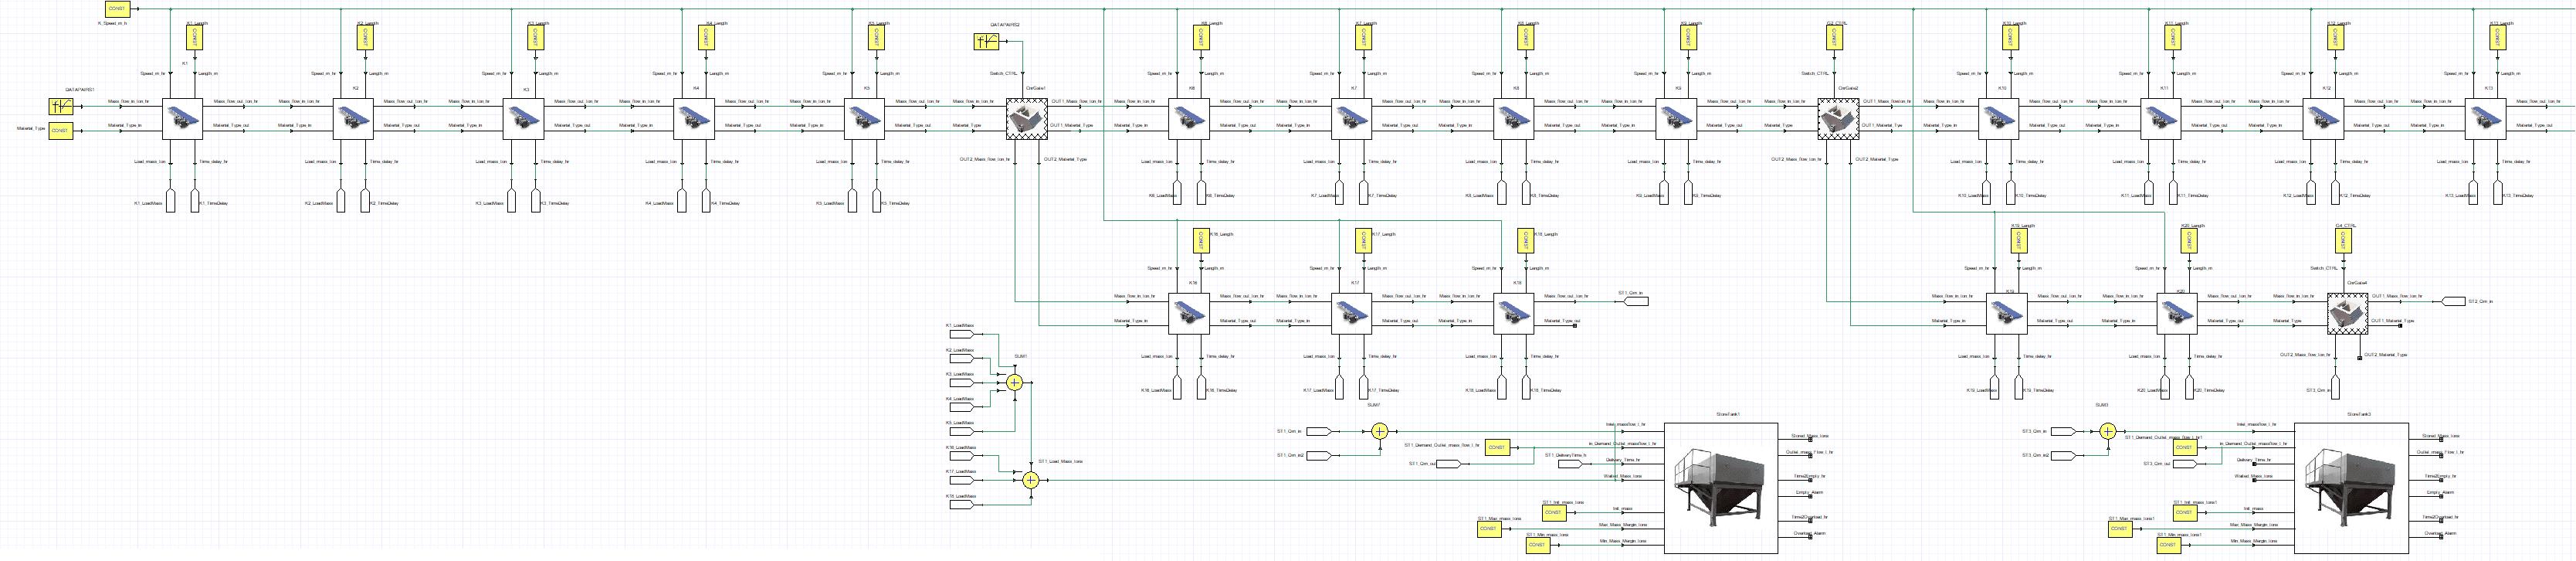 Рисунок 1. Фрагмент модели ПТС